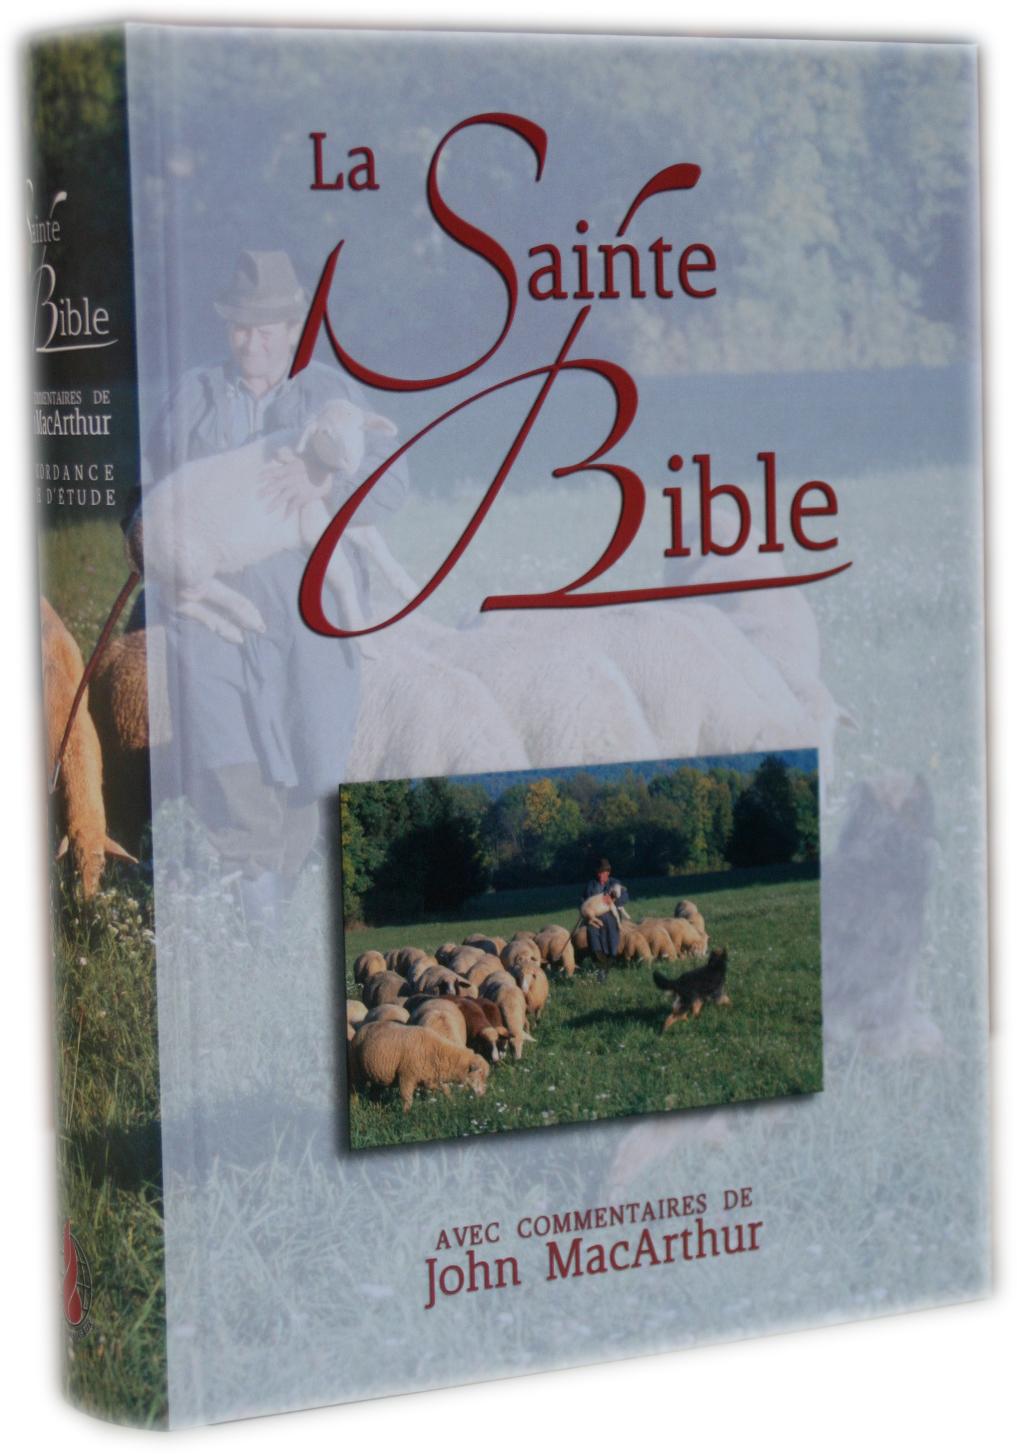 bible_avec_commentaires_john_macarthur